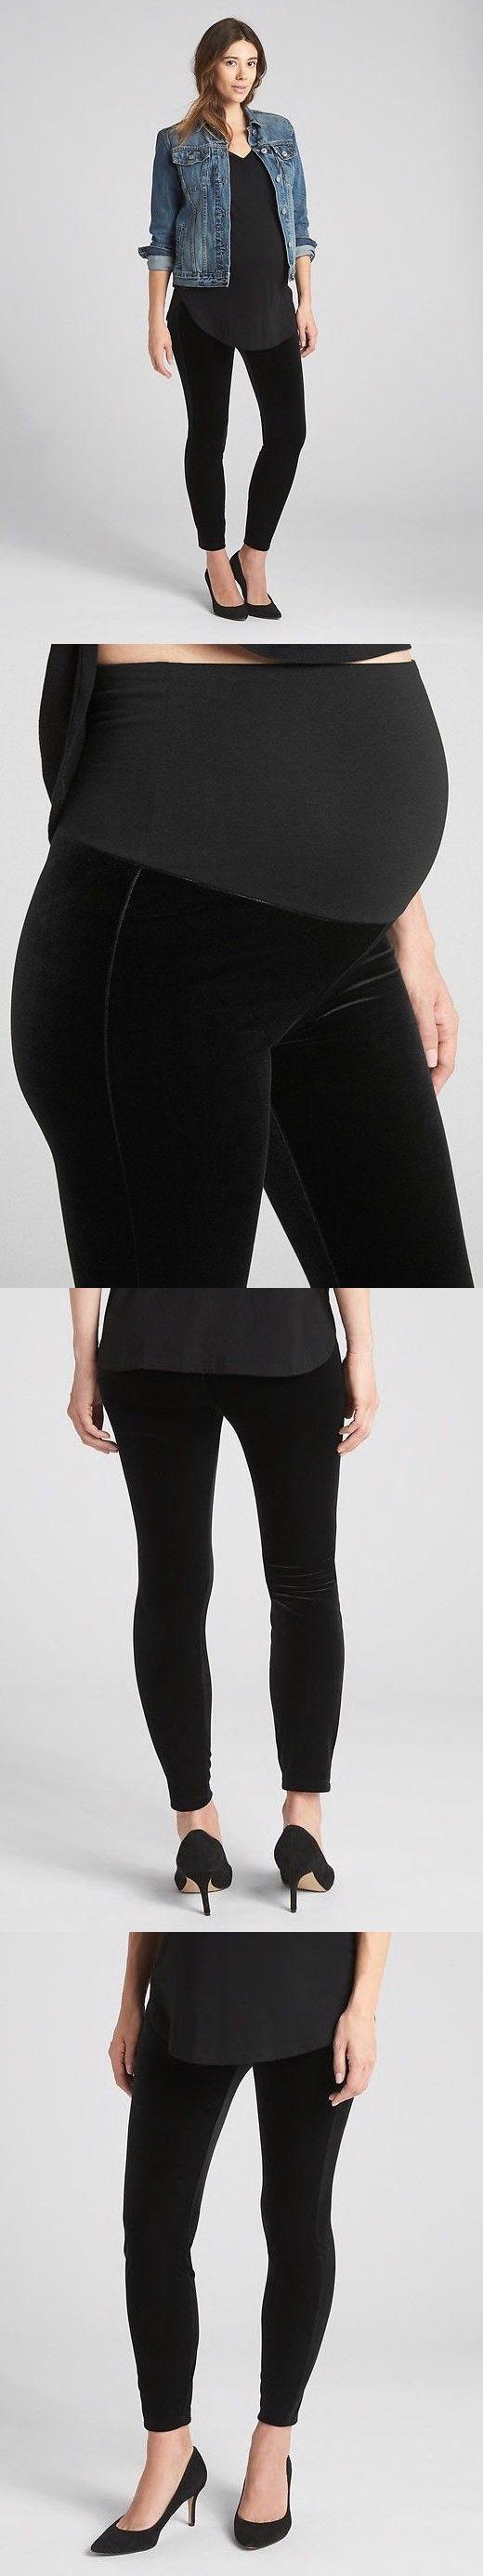 f376a78f04ee9 Pants 63857: Nwt Gap Maternity Full Panel Leggings In Velvet Black, Medium  -> BUY IT NOW ONLY: $16 on #eBay #pants #maternity #panel #leggings #velvet  # ...